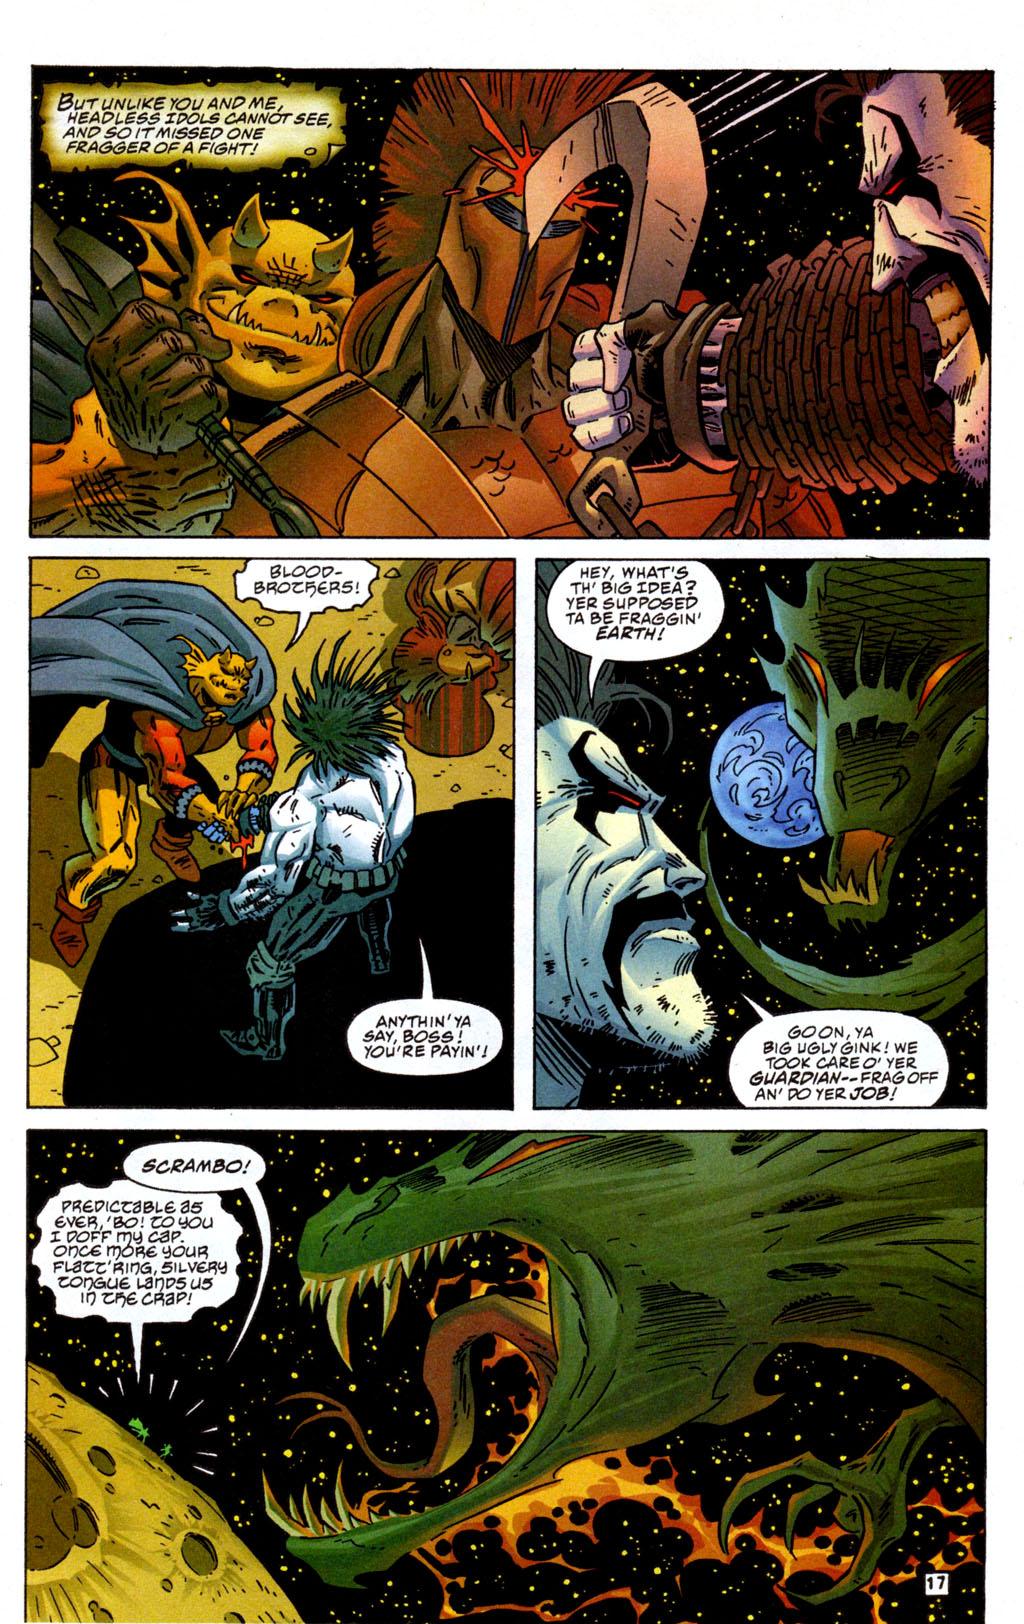 Read online Lobo/Demon: Hellowe'en comic -  Issue # Full - 18